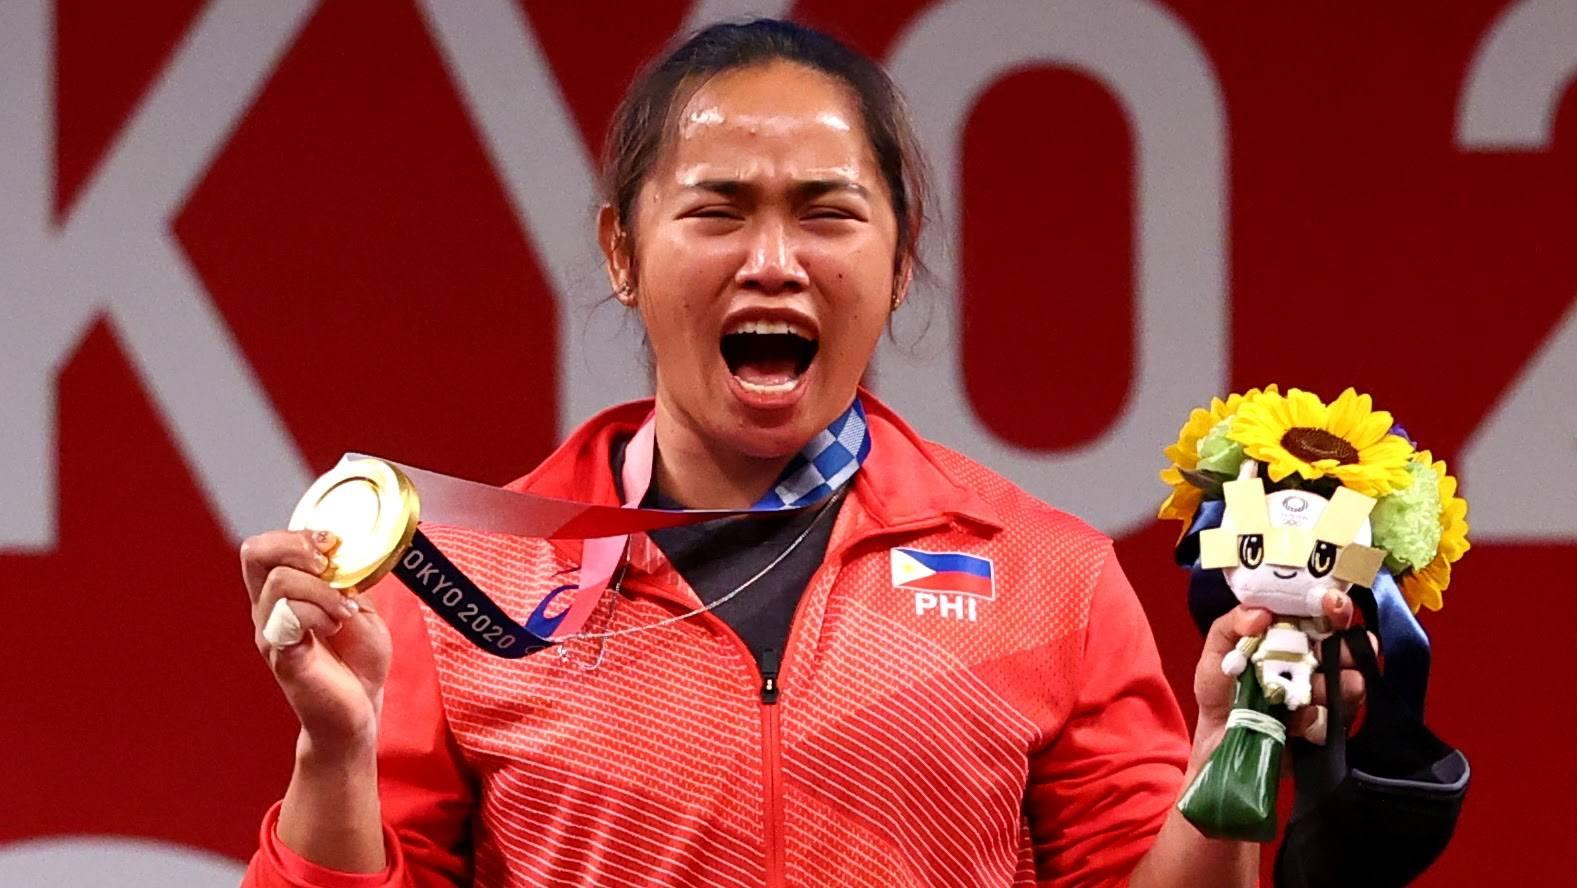 Đô cử Philippines Hidilyn Diaz (trong ảnh) là một trong bốn VĐV Đông Nam Á giành HC vàng Olympic Tokyo 2020, bên cạnh võ sĩ taekwondo Thái Lan Panipak và đôi nữ cầu lông Indonesia Apriyani Rahayu - Greysia Polii. Ảnh: Reuters